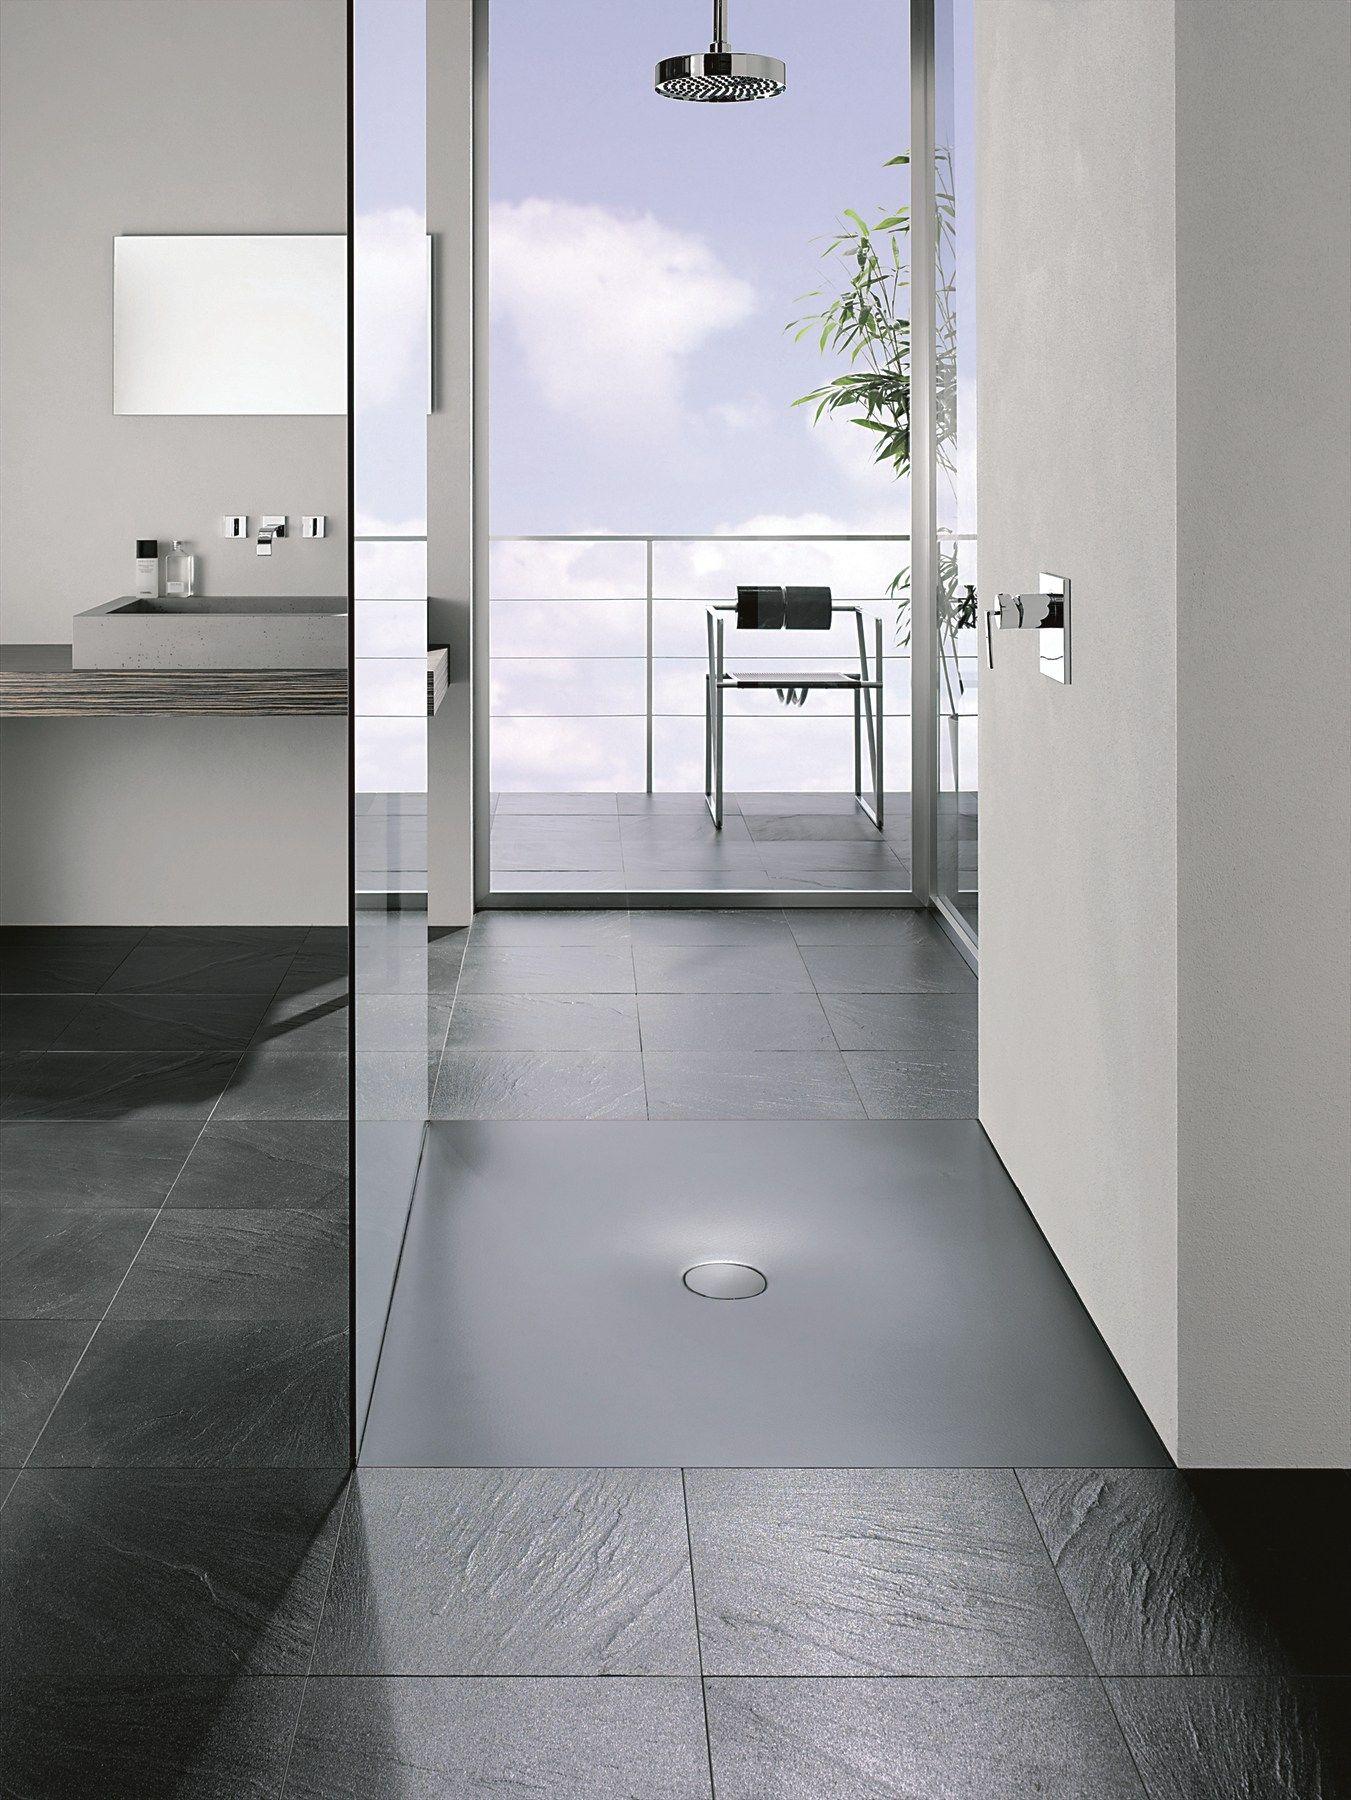 Flush fitting rectangular enamelled steel shower tray